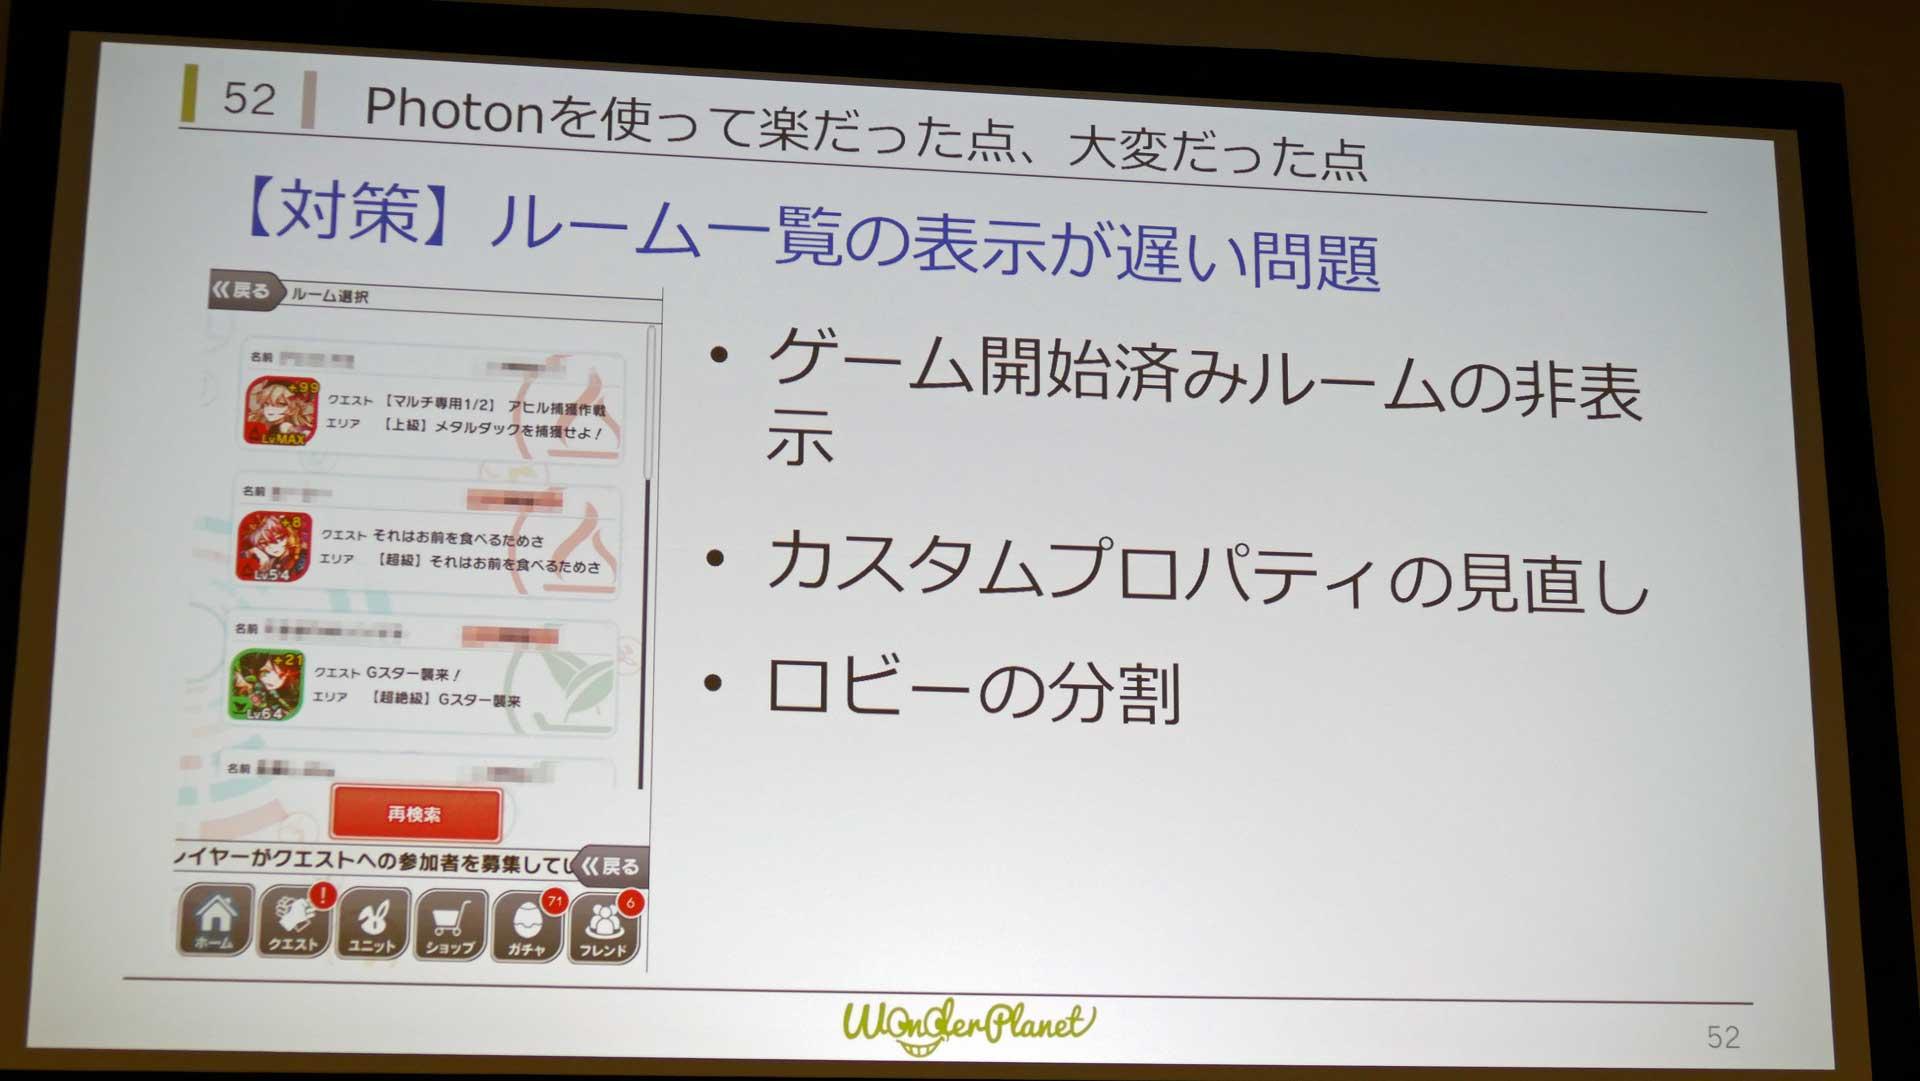 大阪会場で見つけたスマホゲームソリューション【GTMF 2016】